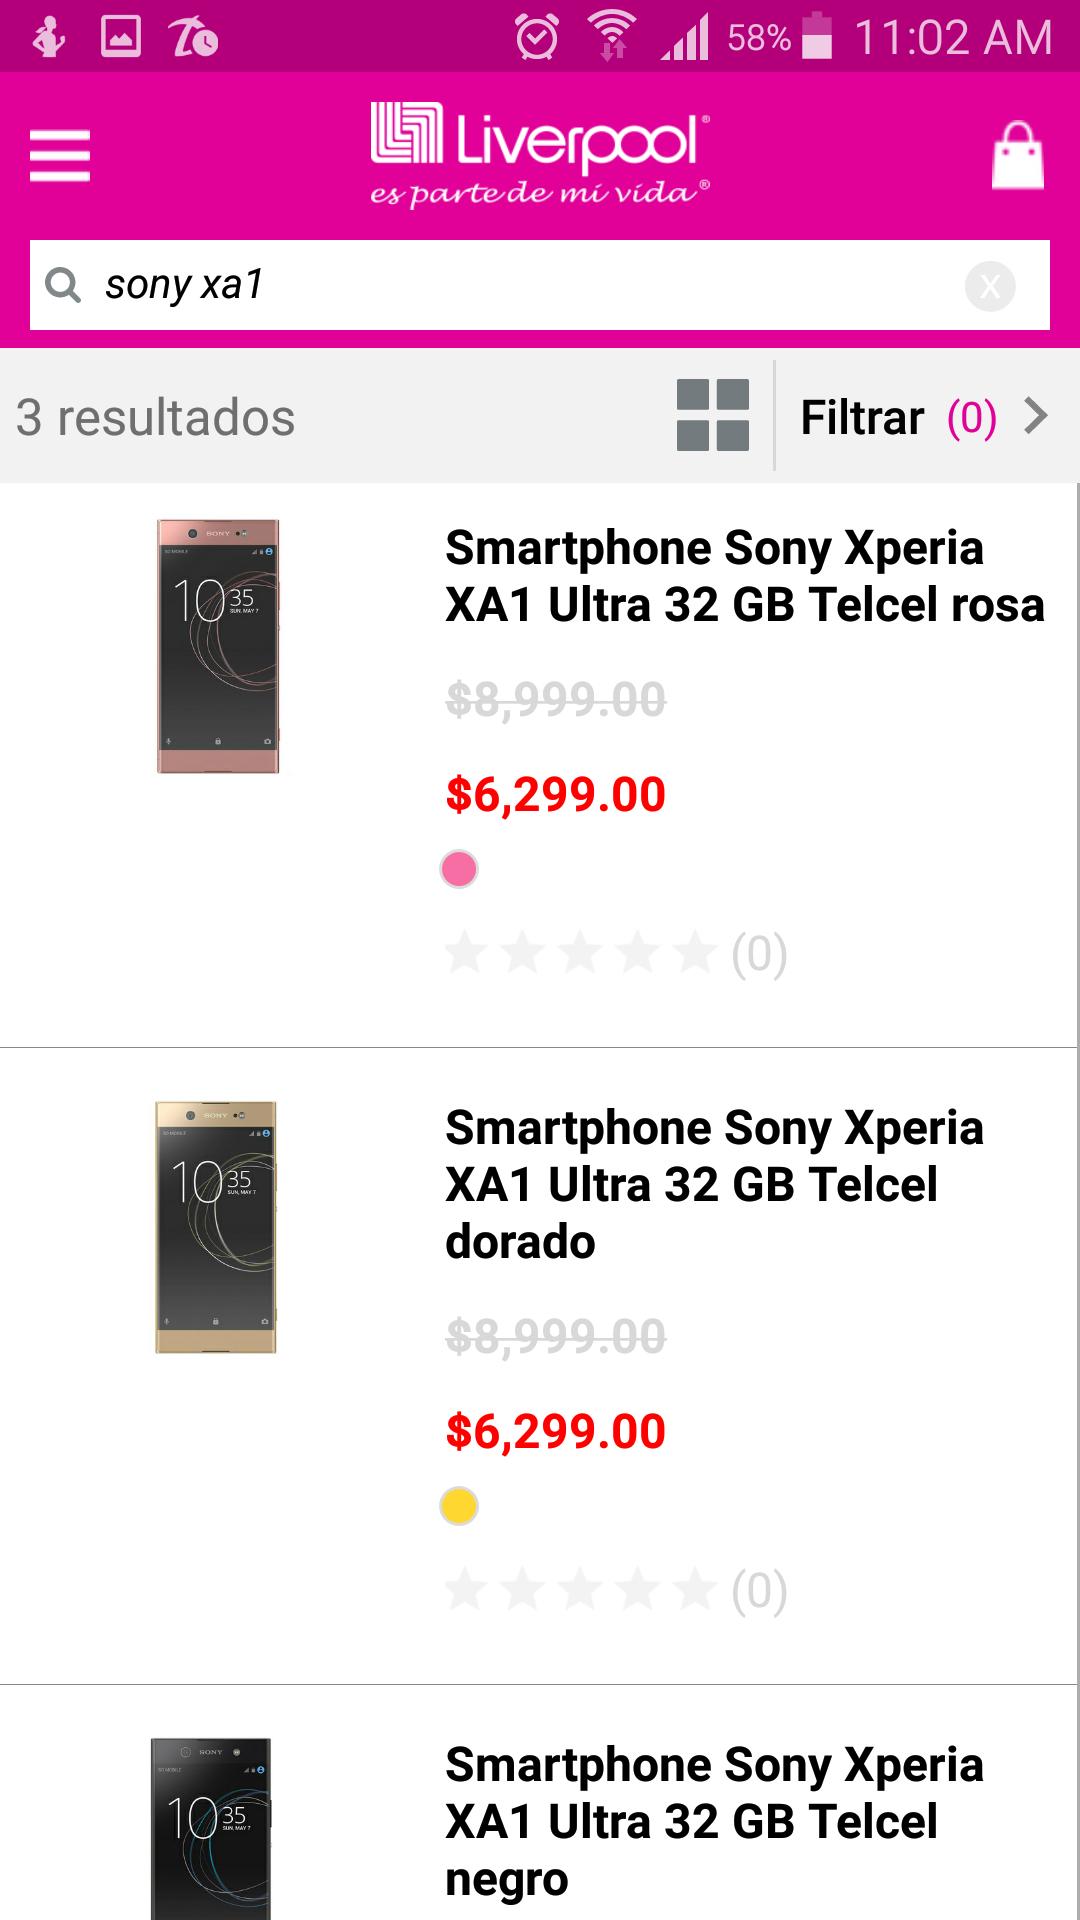 Liverpool:Sony Xperia XA1 ultra